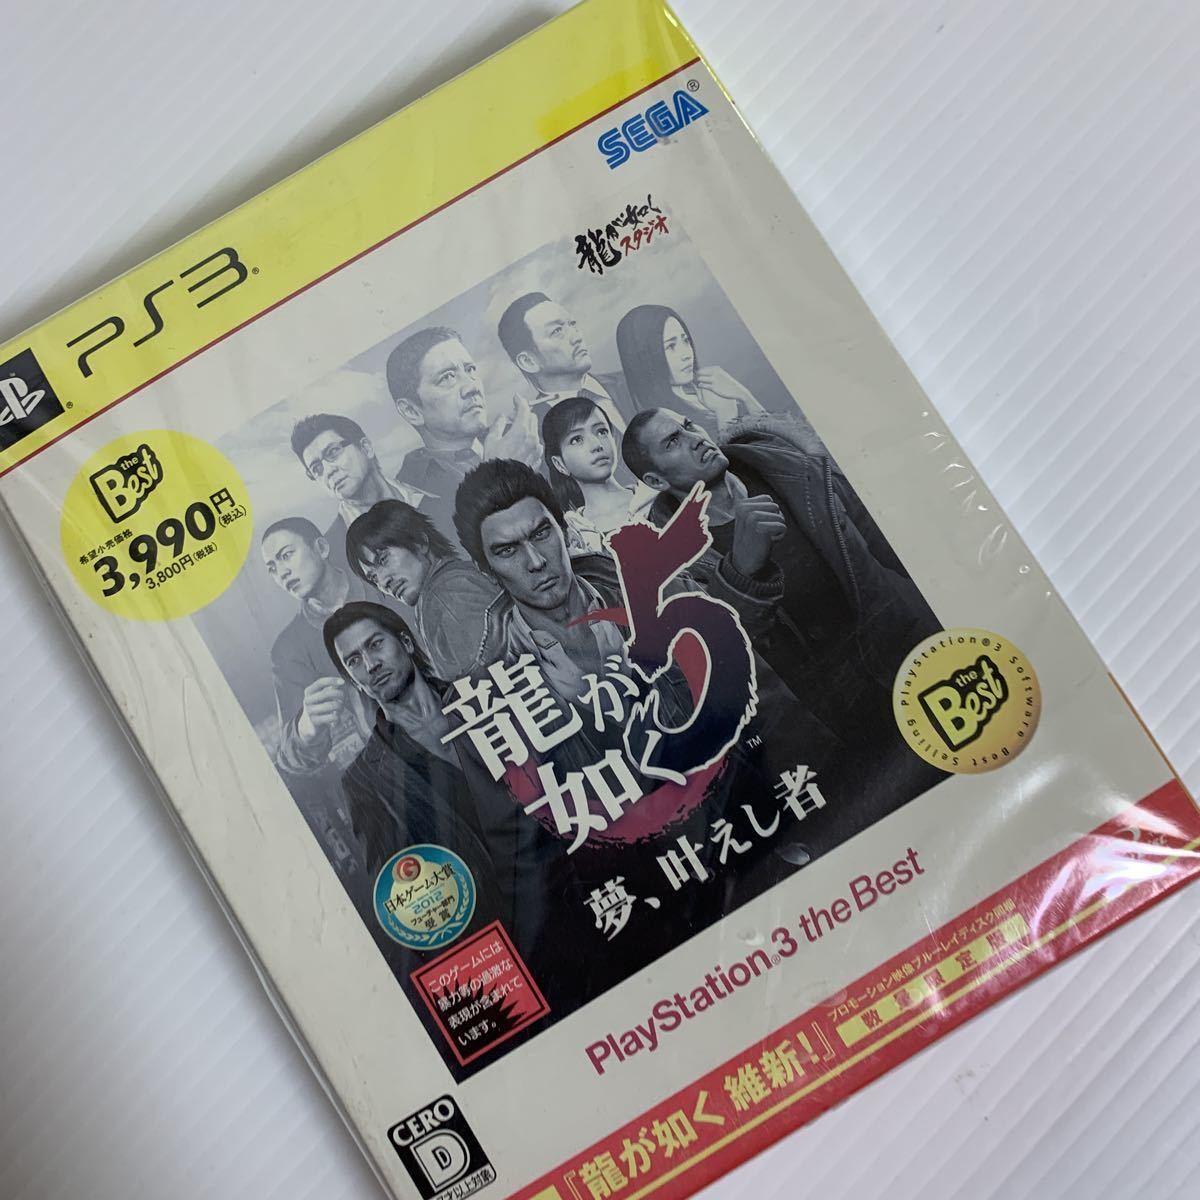 ■新品 ■龍が如く5 夢、叶えし者 PlayStation3 the Best 数量限定版 プロモーション映像ブルーレイ同梱_画像9